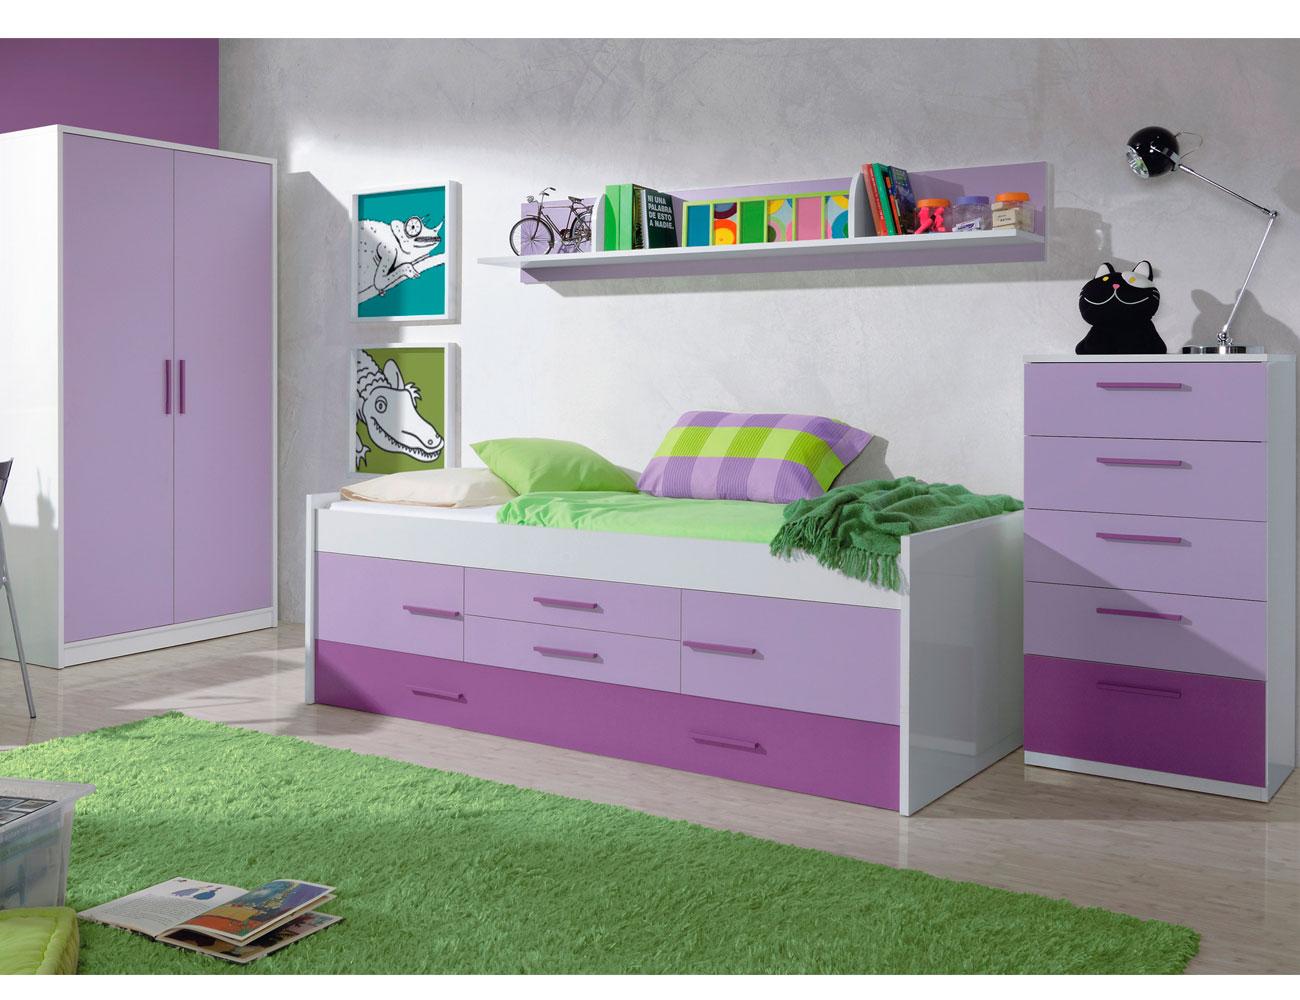 Dormitorio juvenil cama nido armario lila